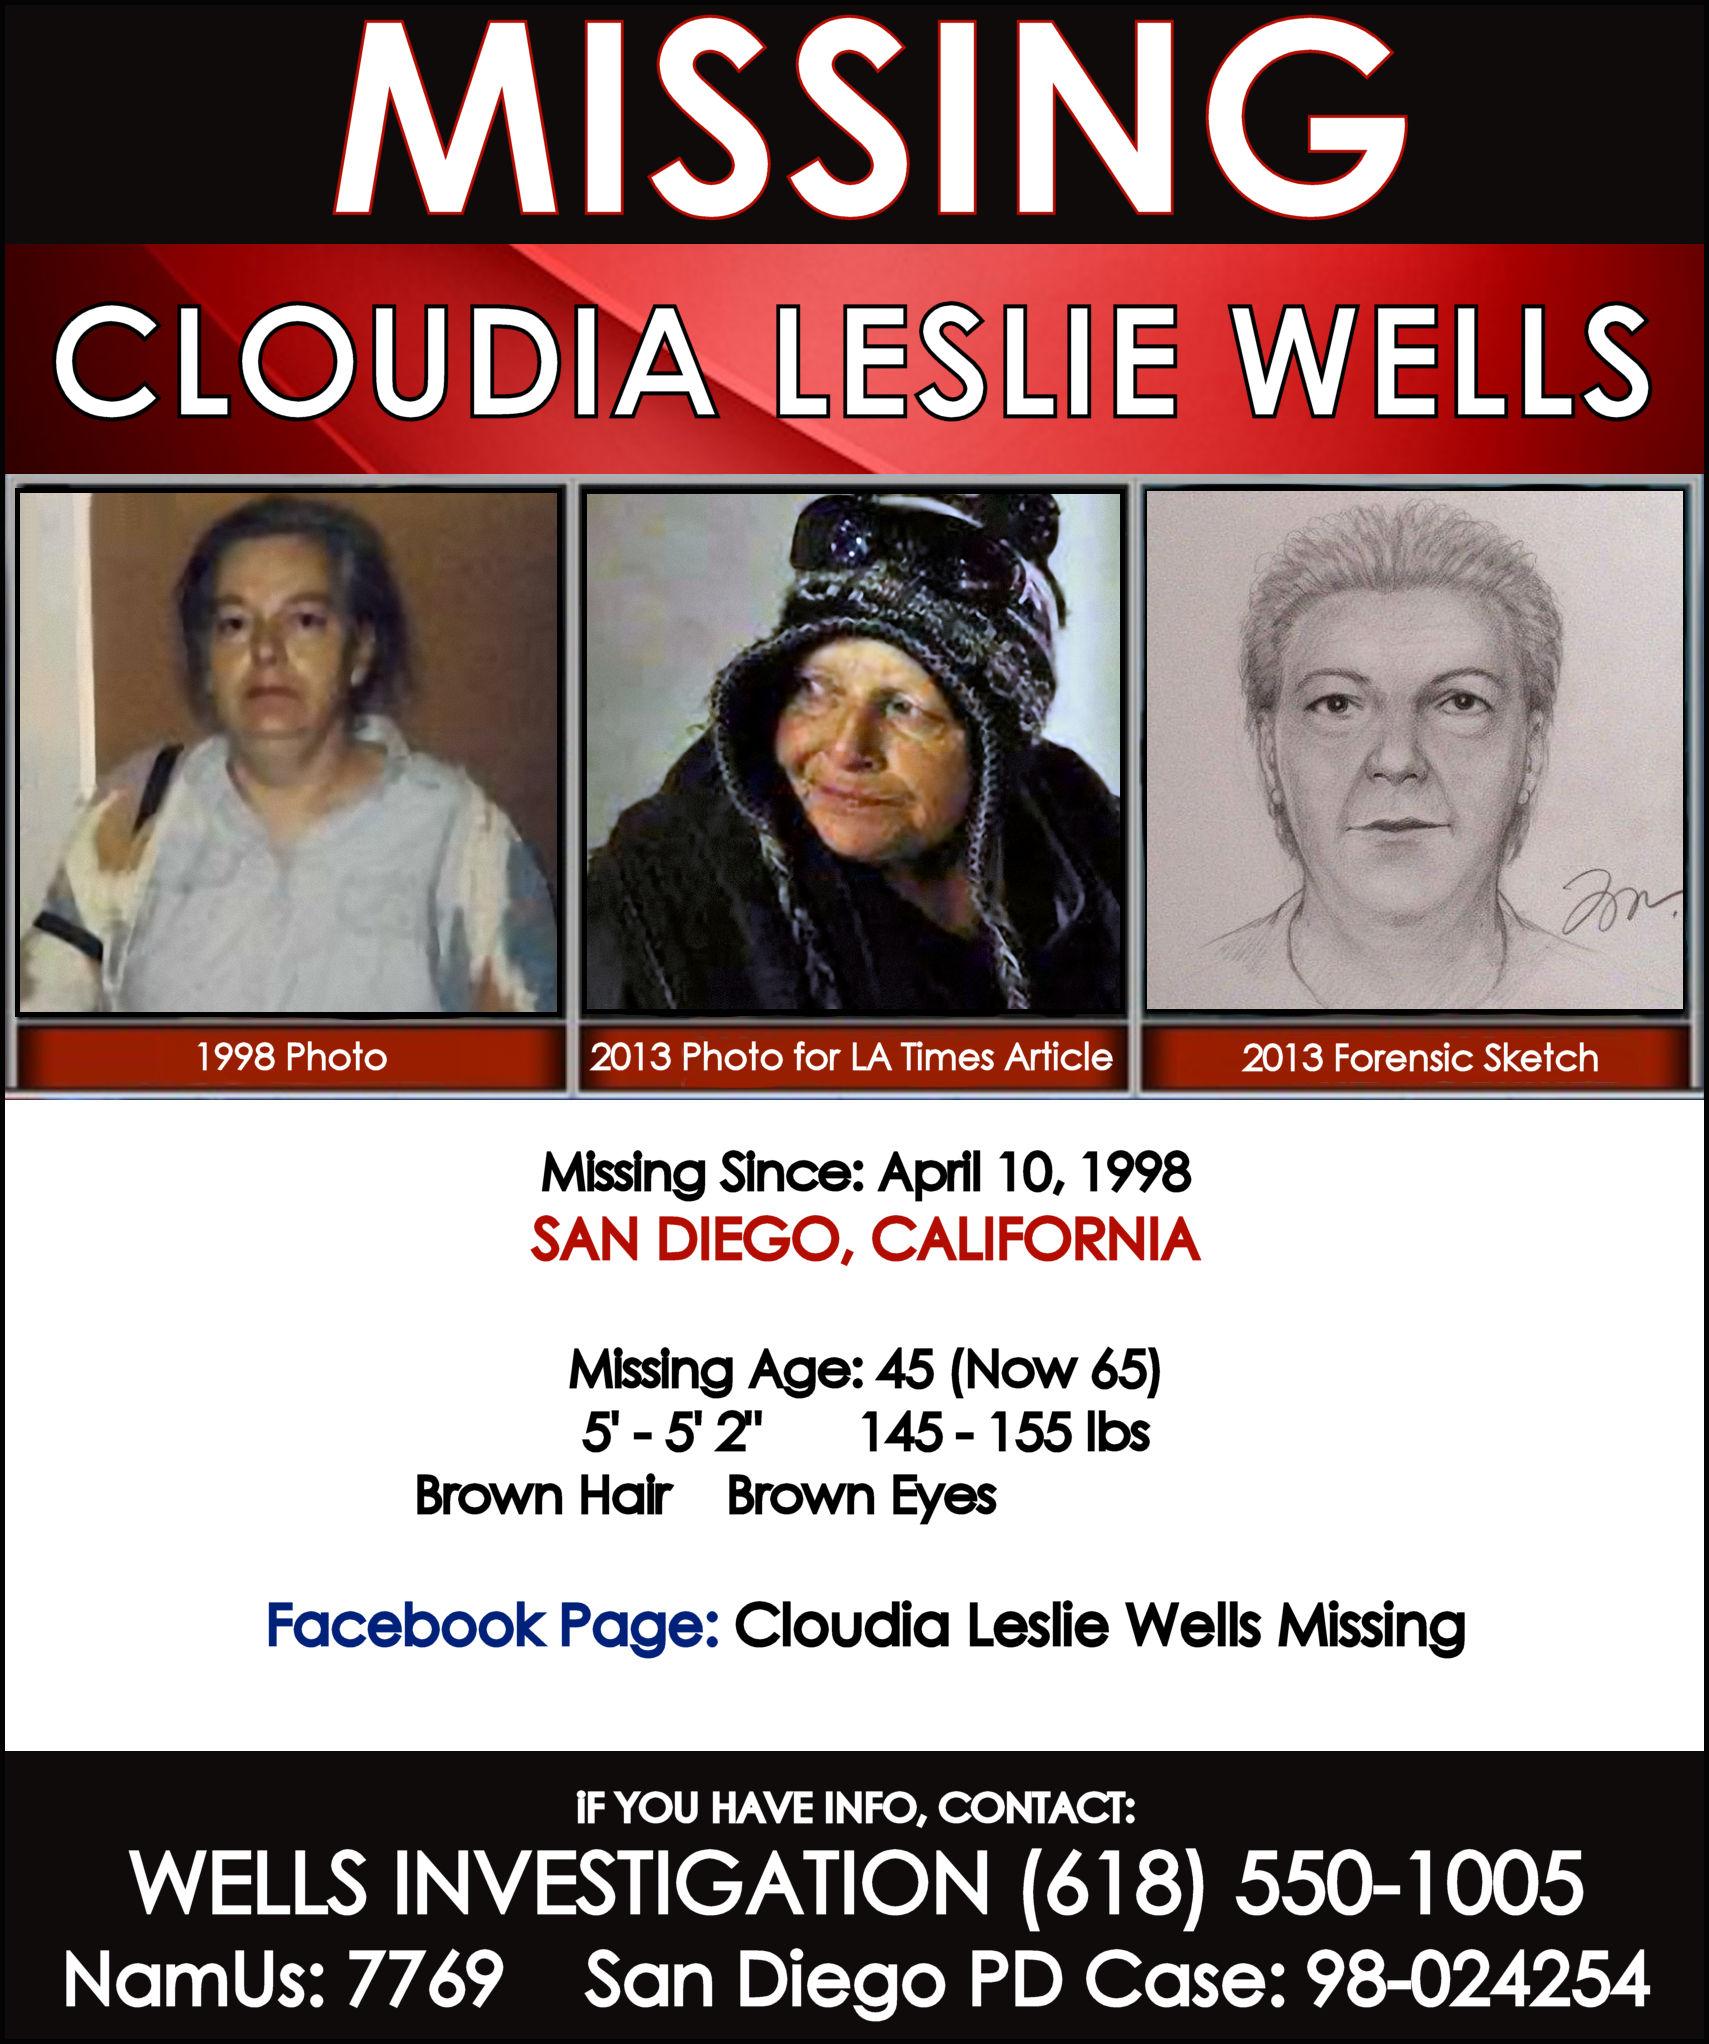 CLOUDIA LESLIE WELLS